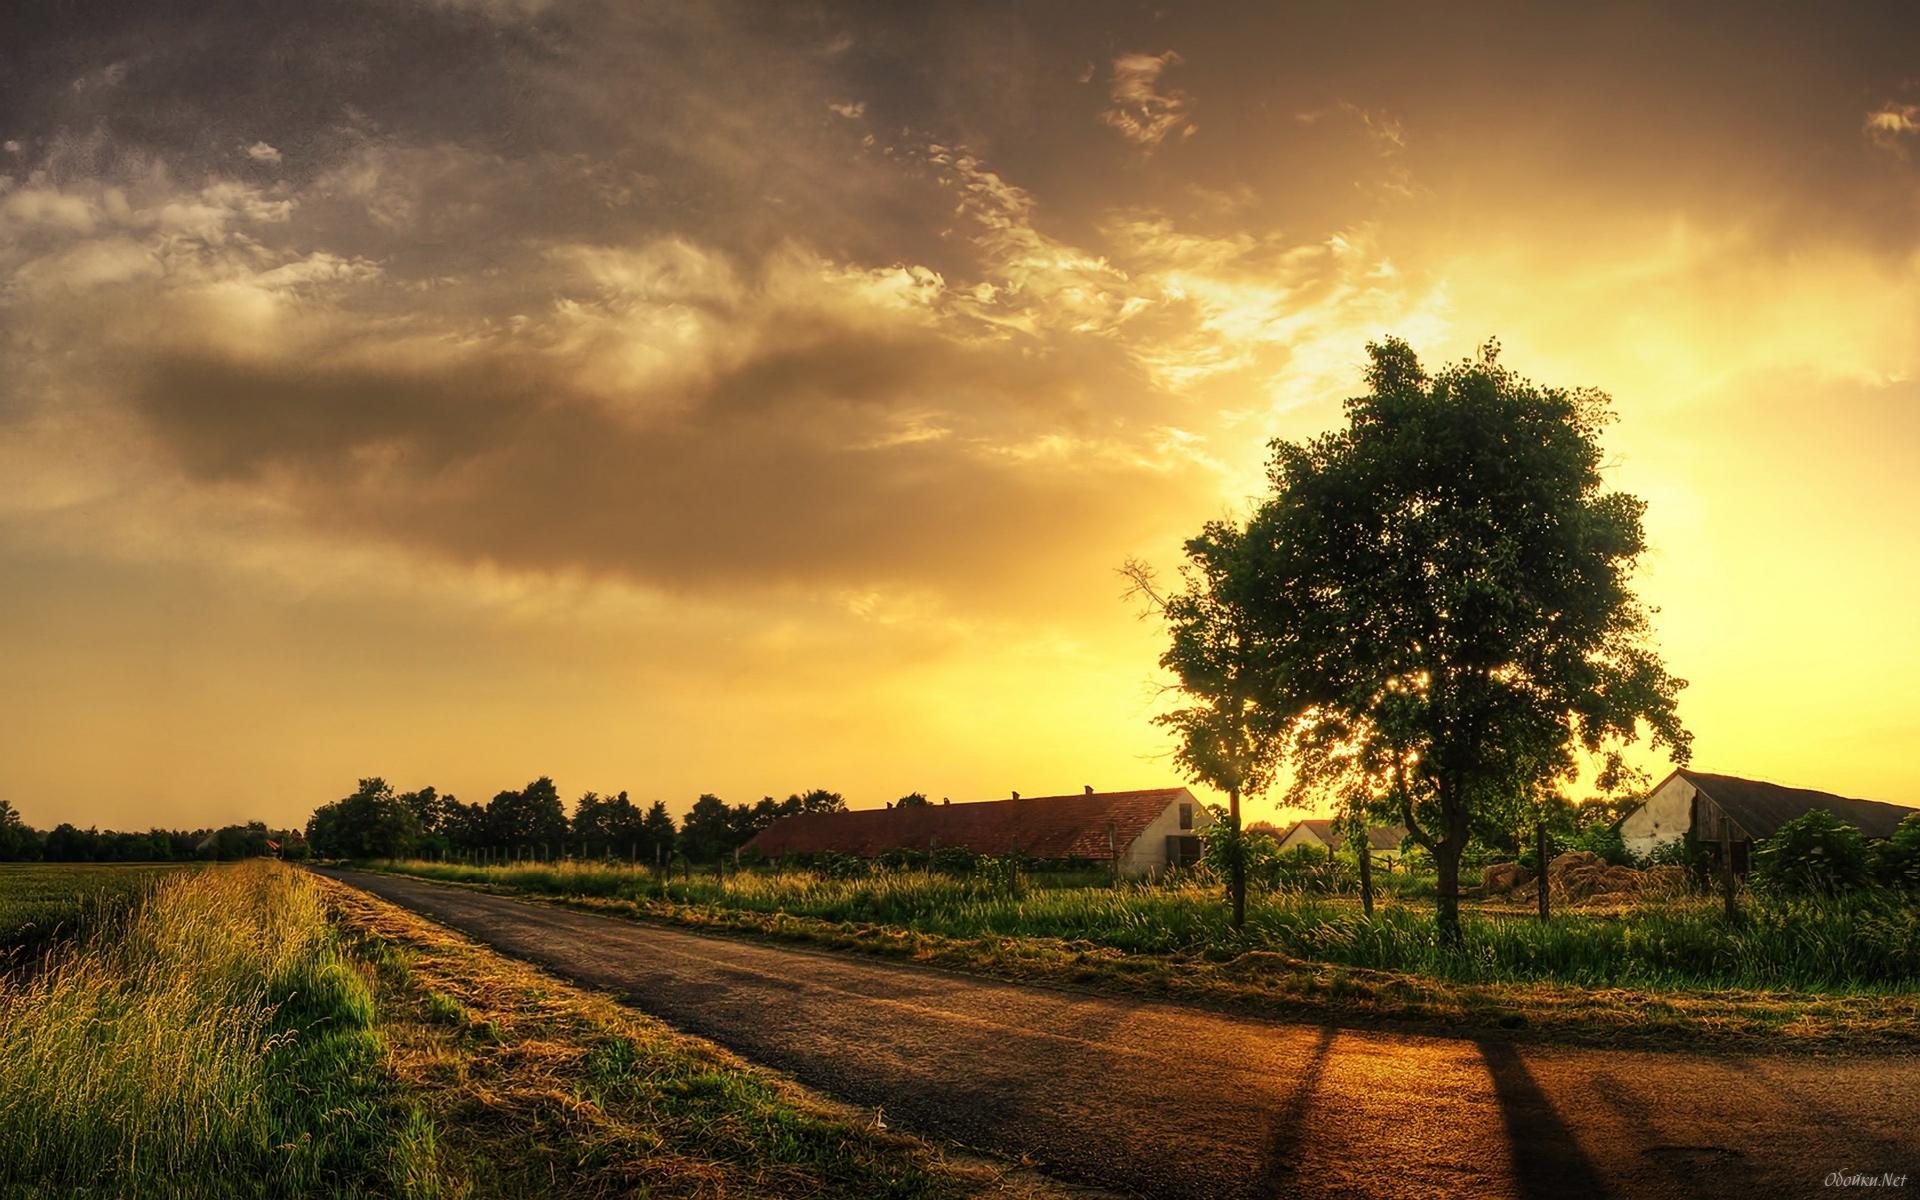 Free Rural Road Wallpaper 13059